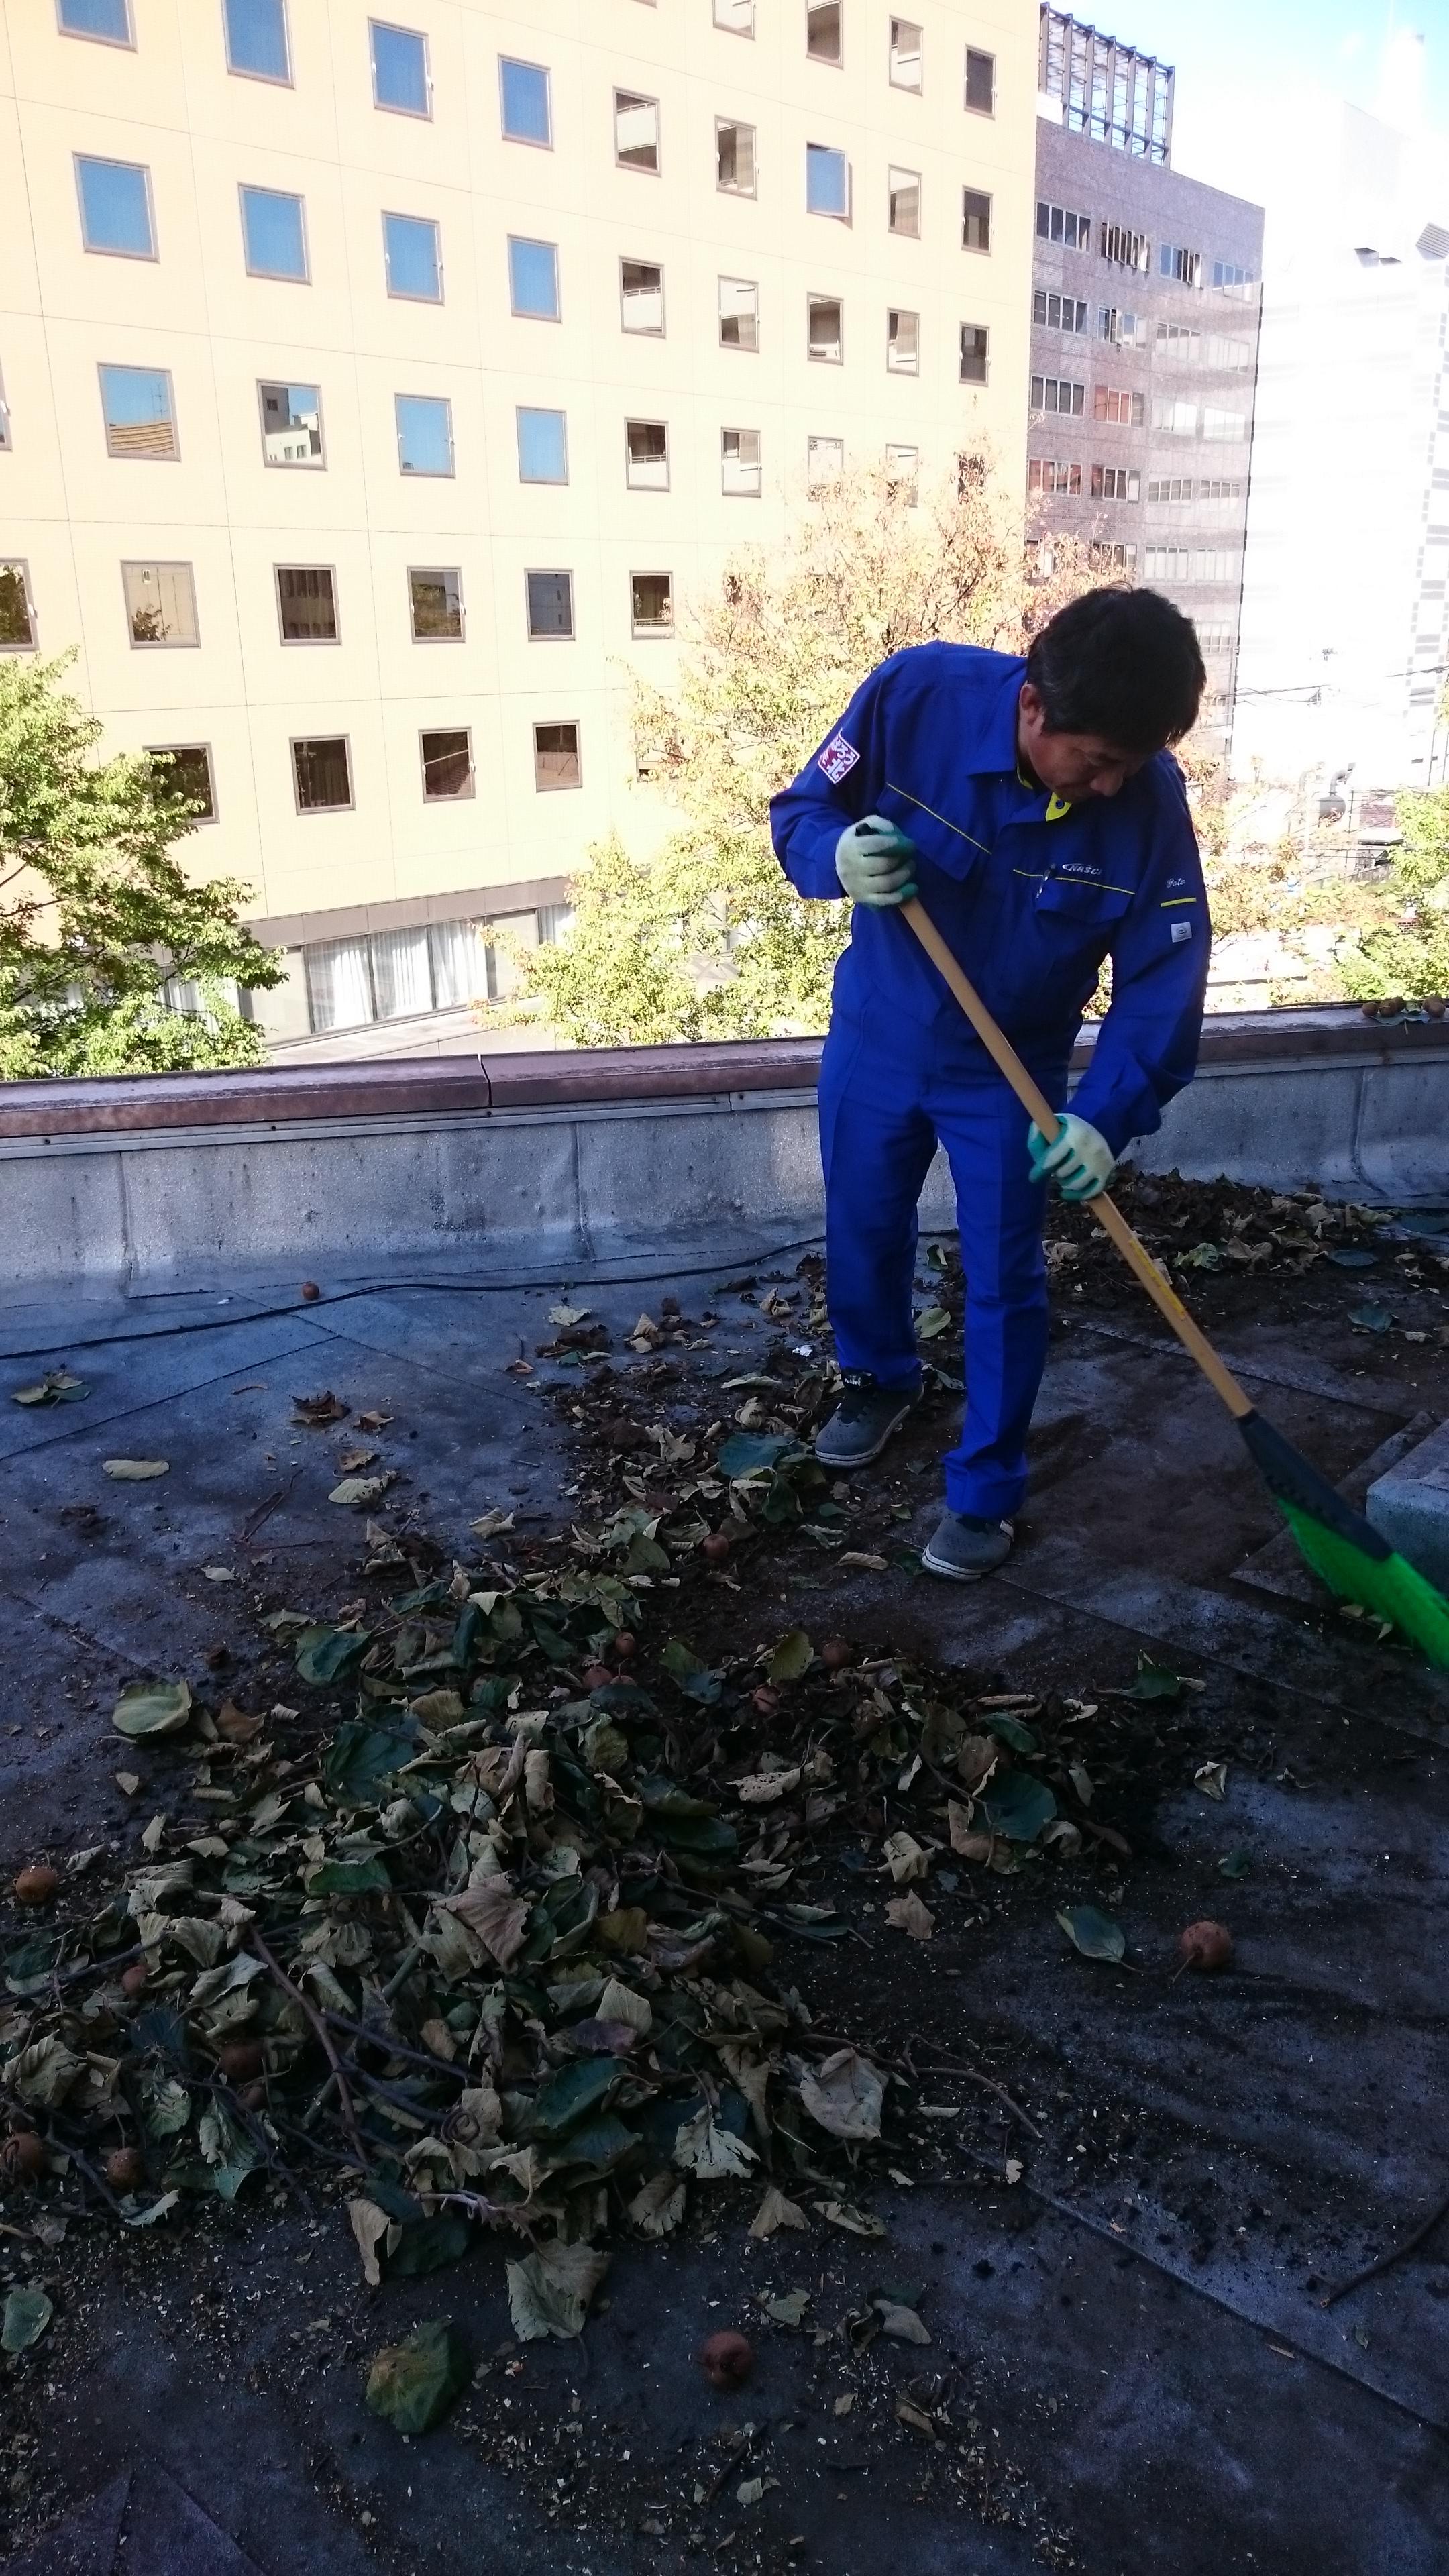 屋上に散乱した葉を片づける